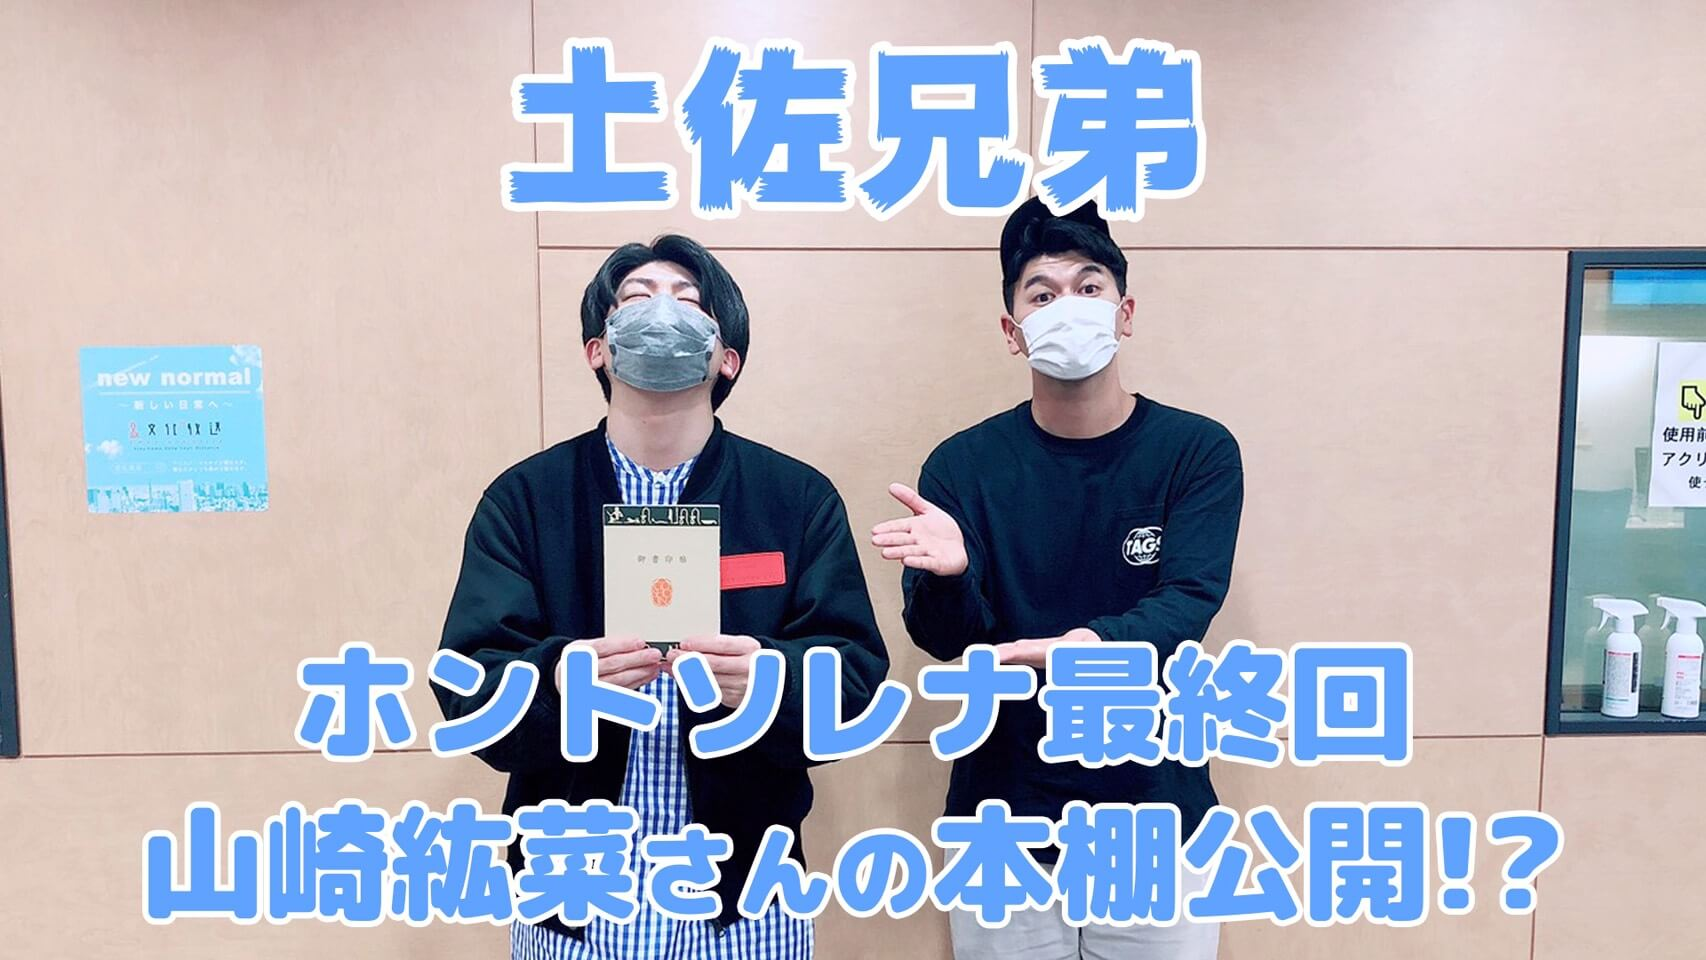 ホントソレナ最終回 山崎紘菜さんの本棚公開!?